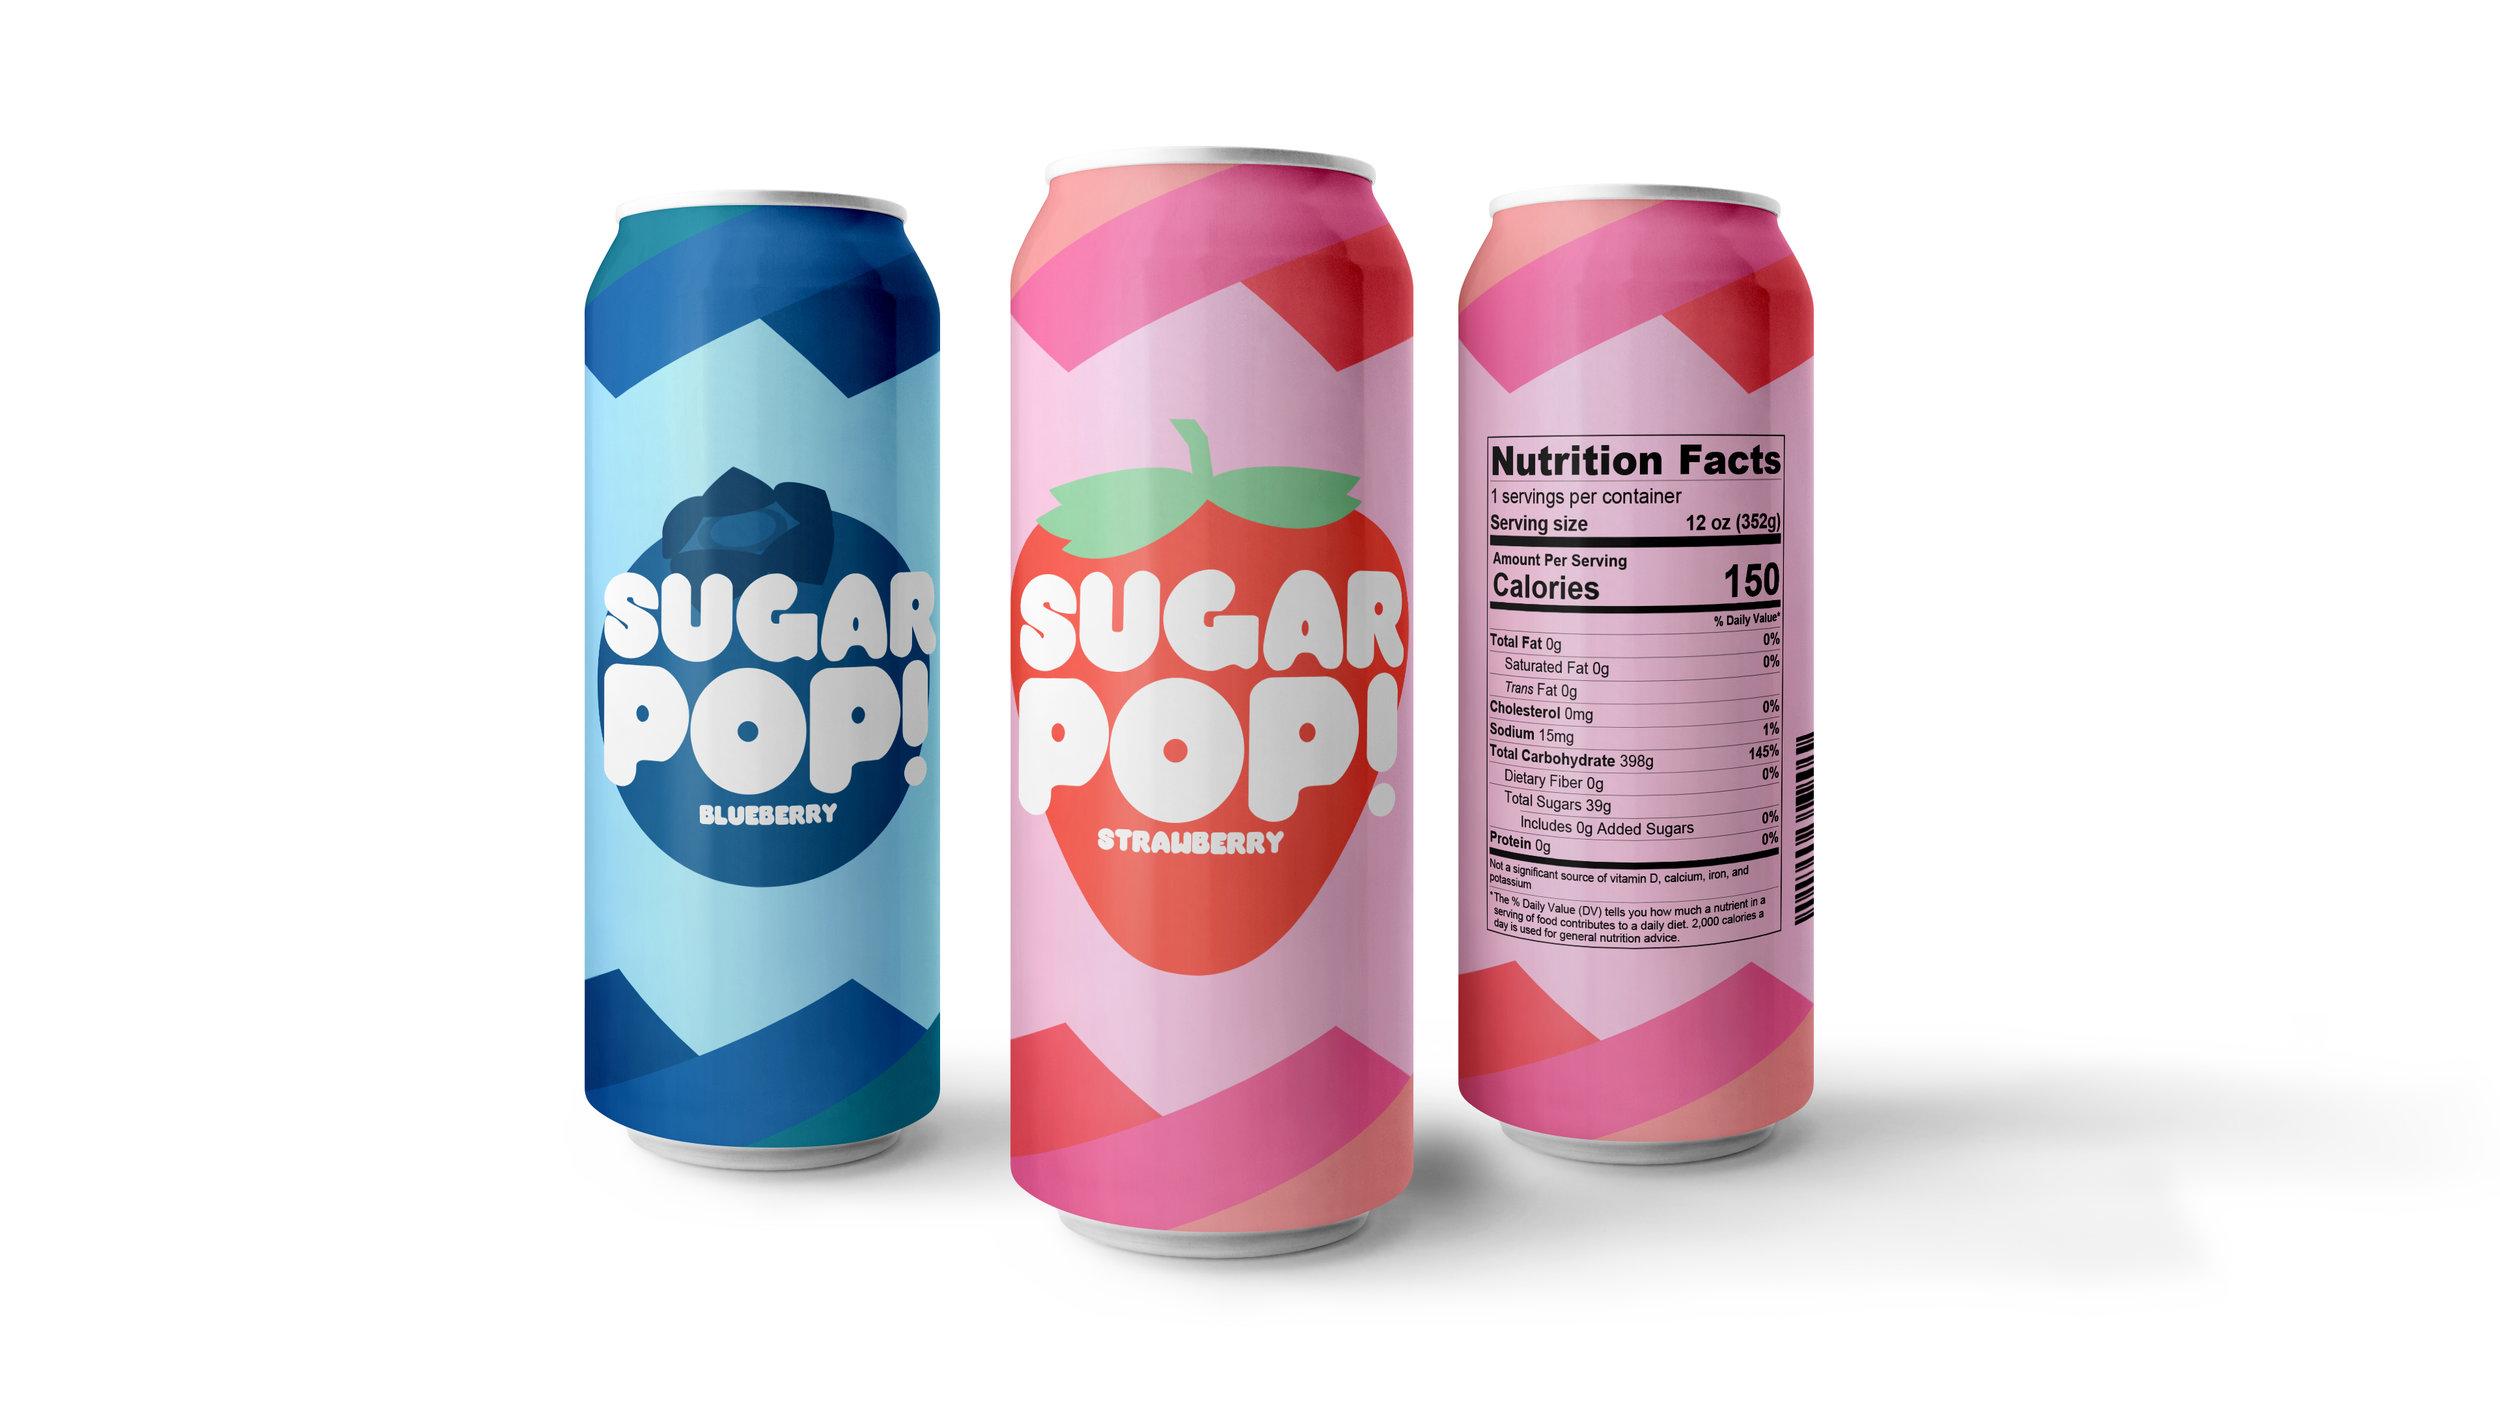 sugarpop mockup 1.jpg